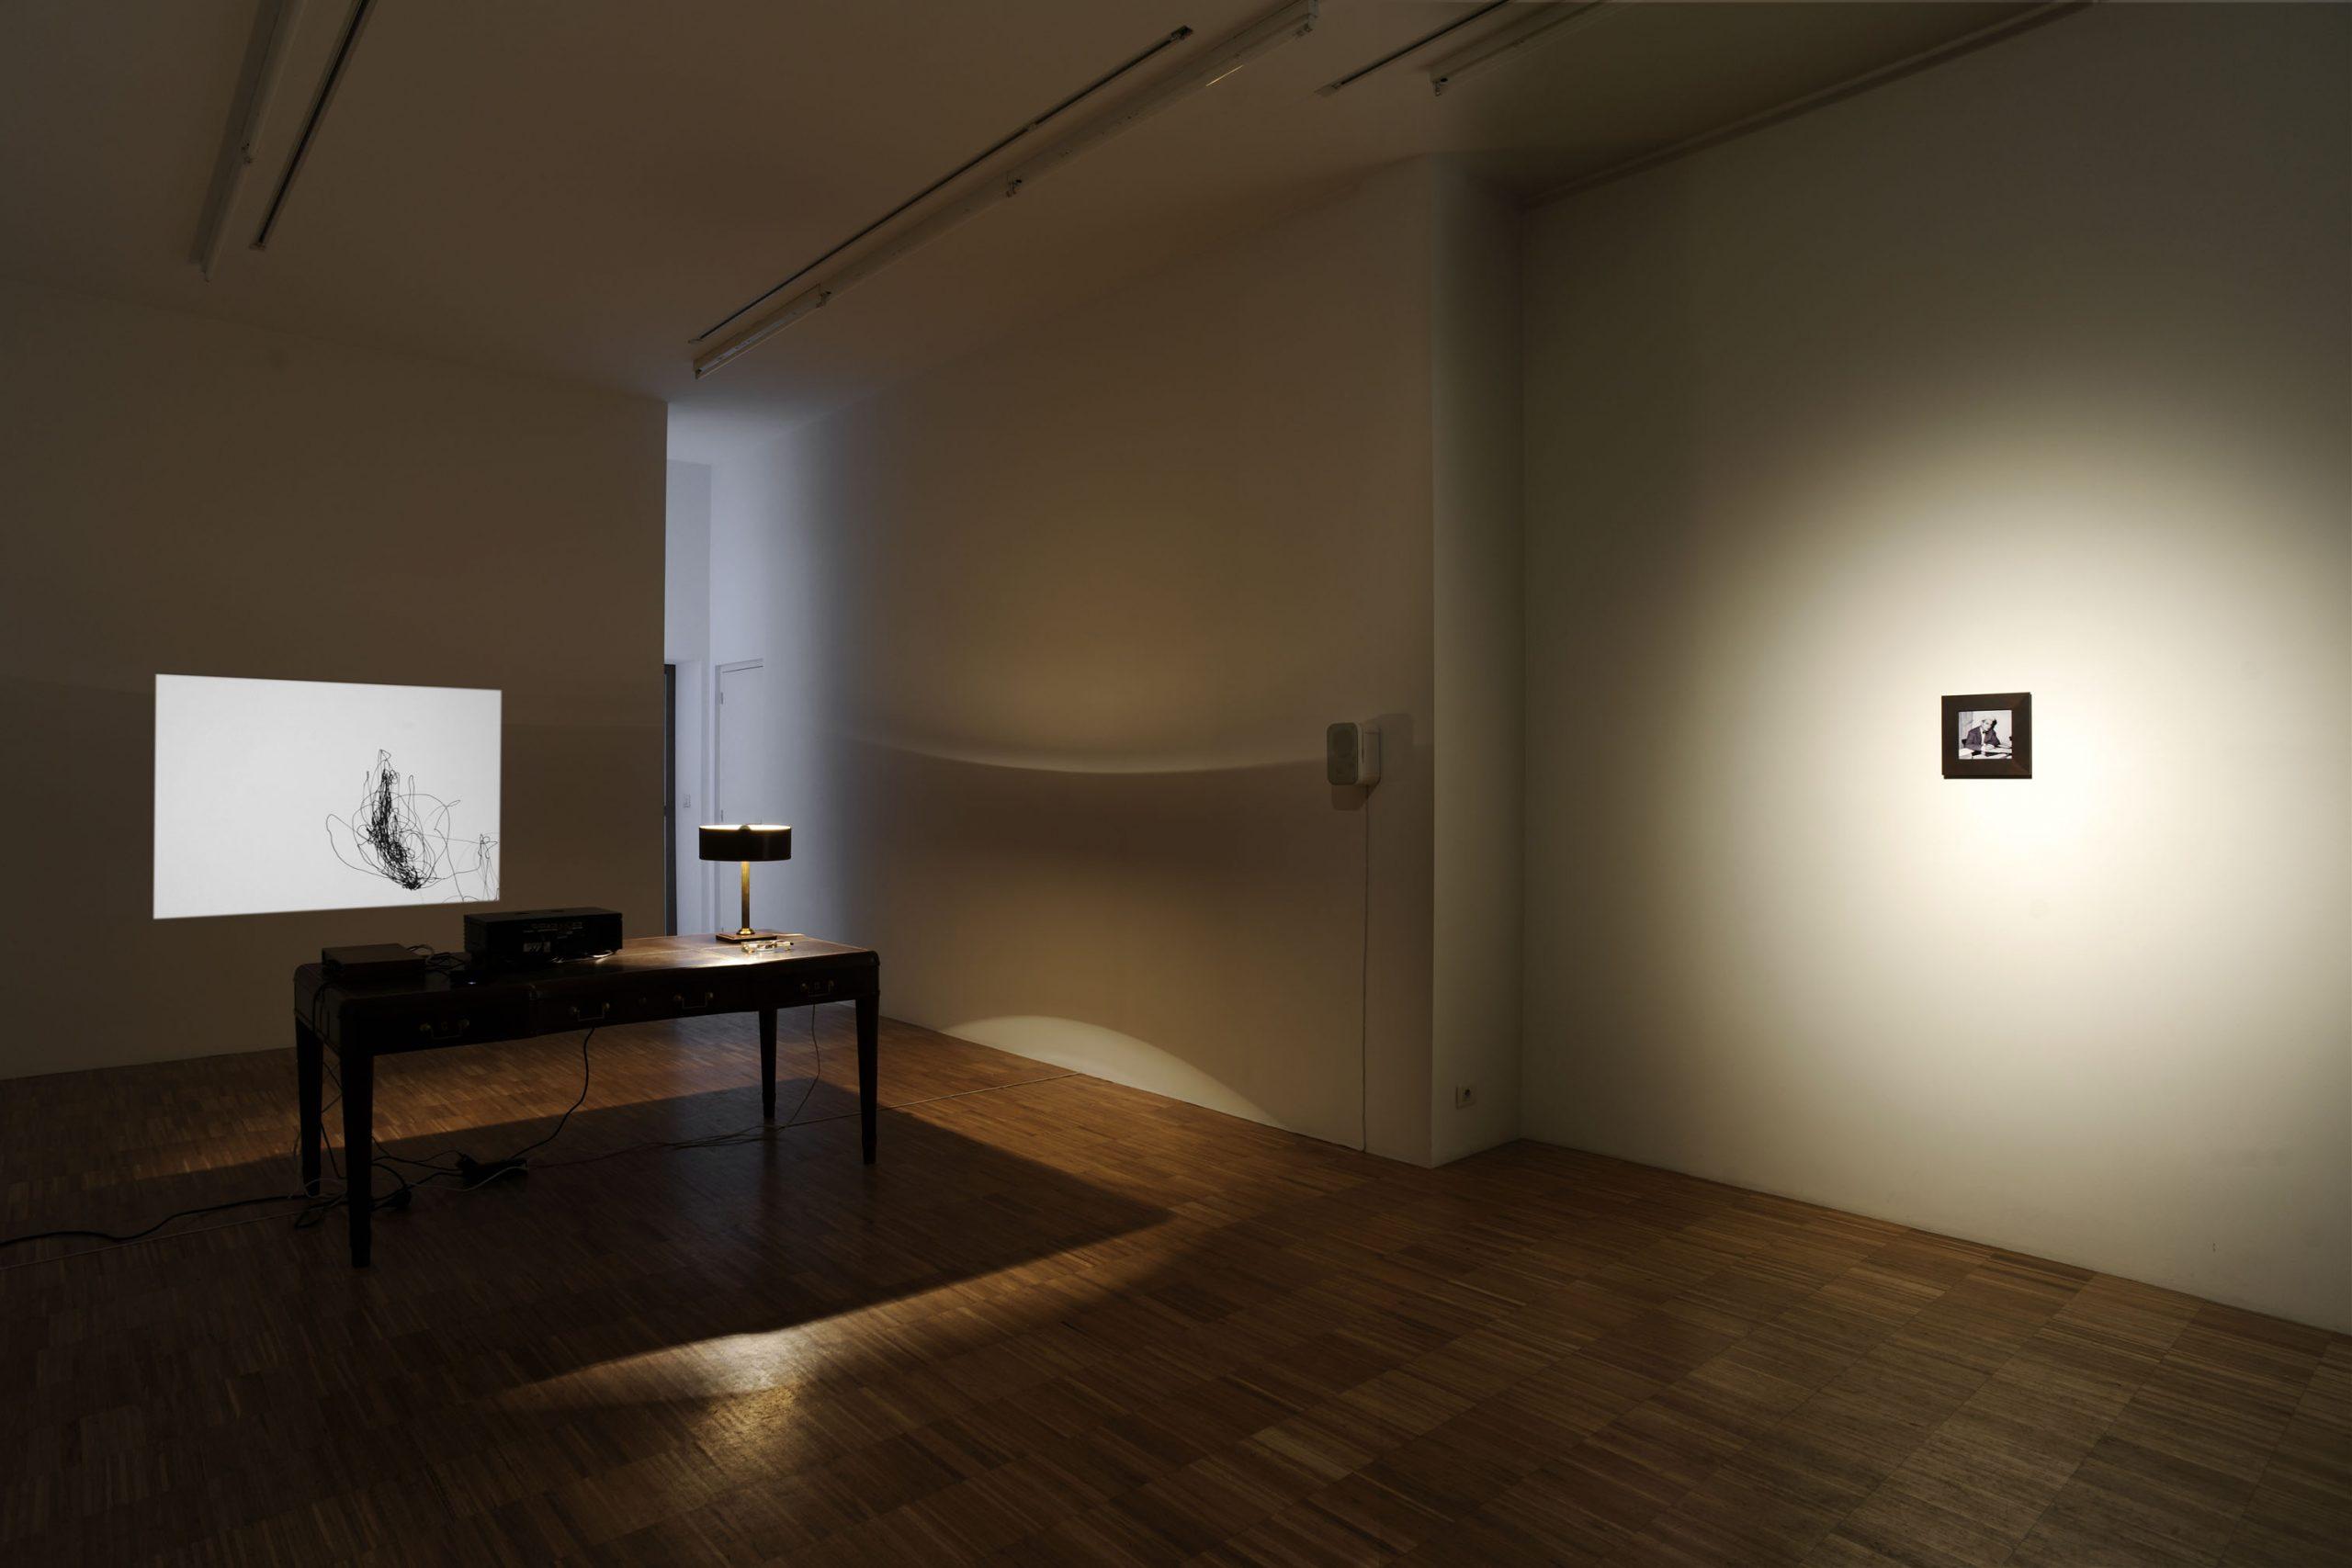 Pierre Bismuth - installation view at Jan Mot, 2010